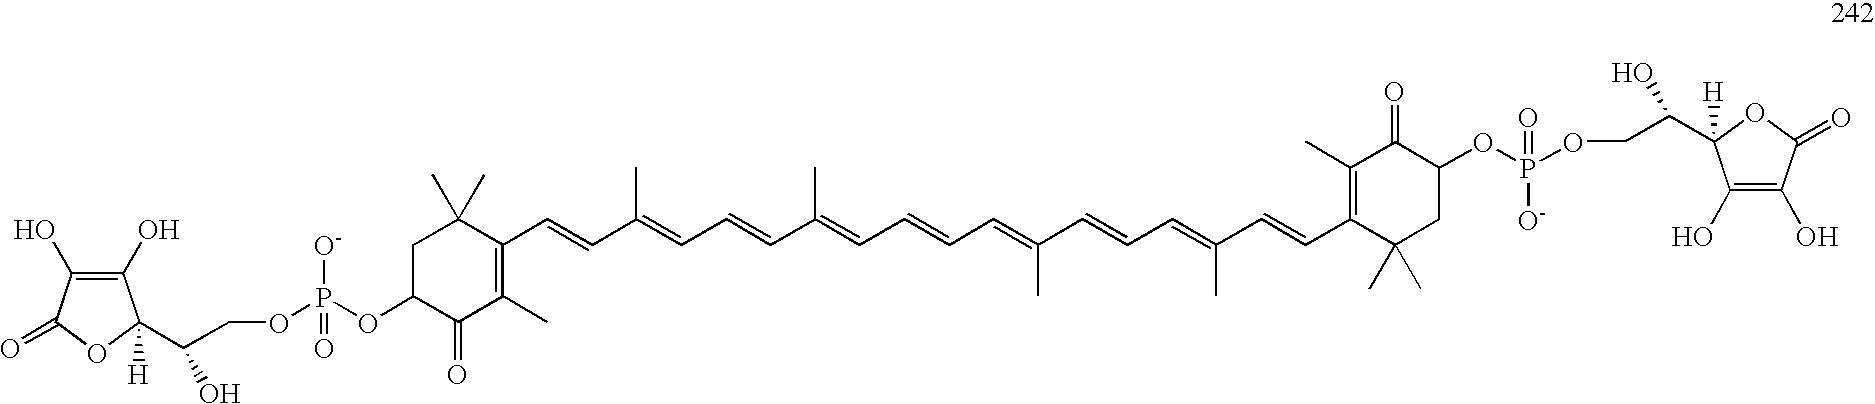 Figure US07691901-20100406-C00069